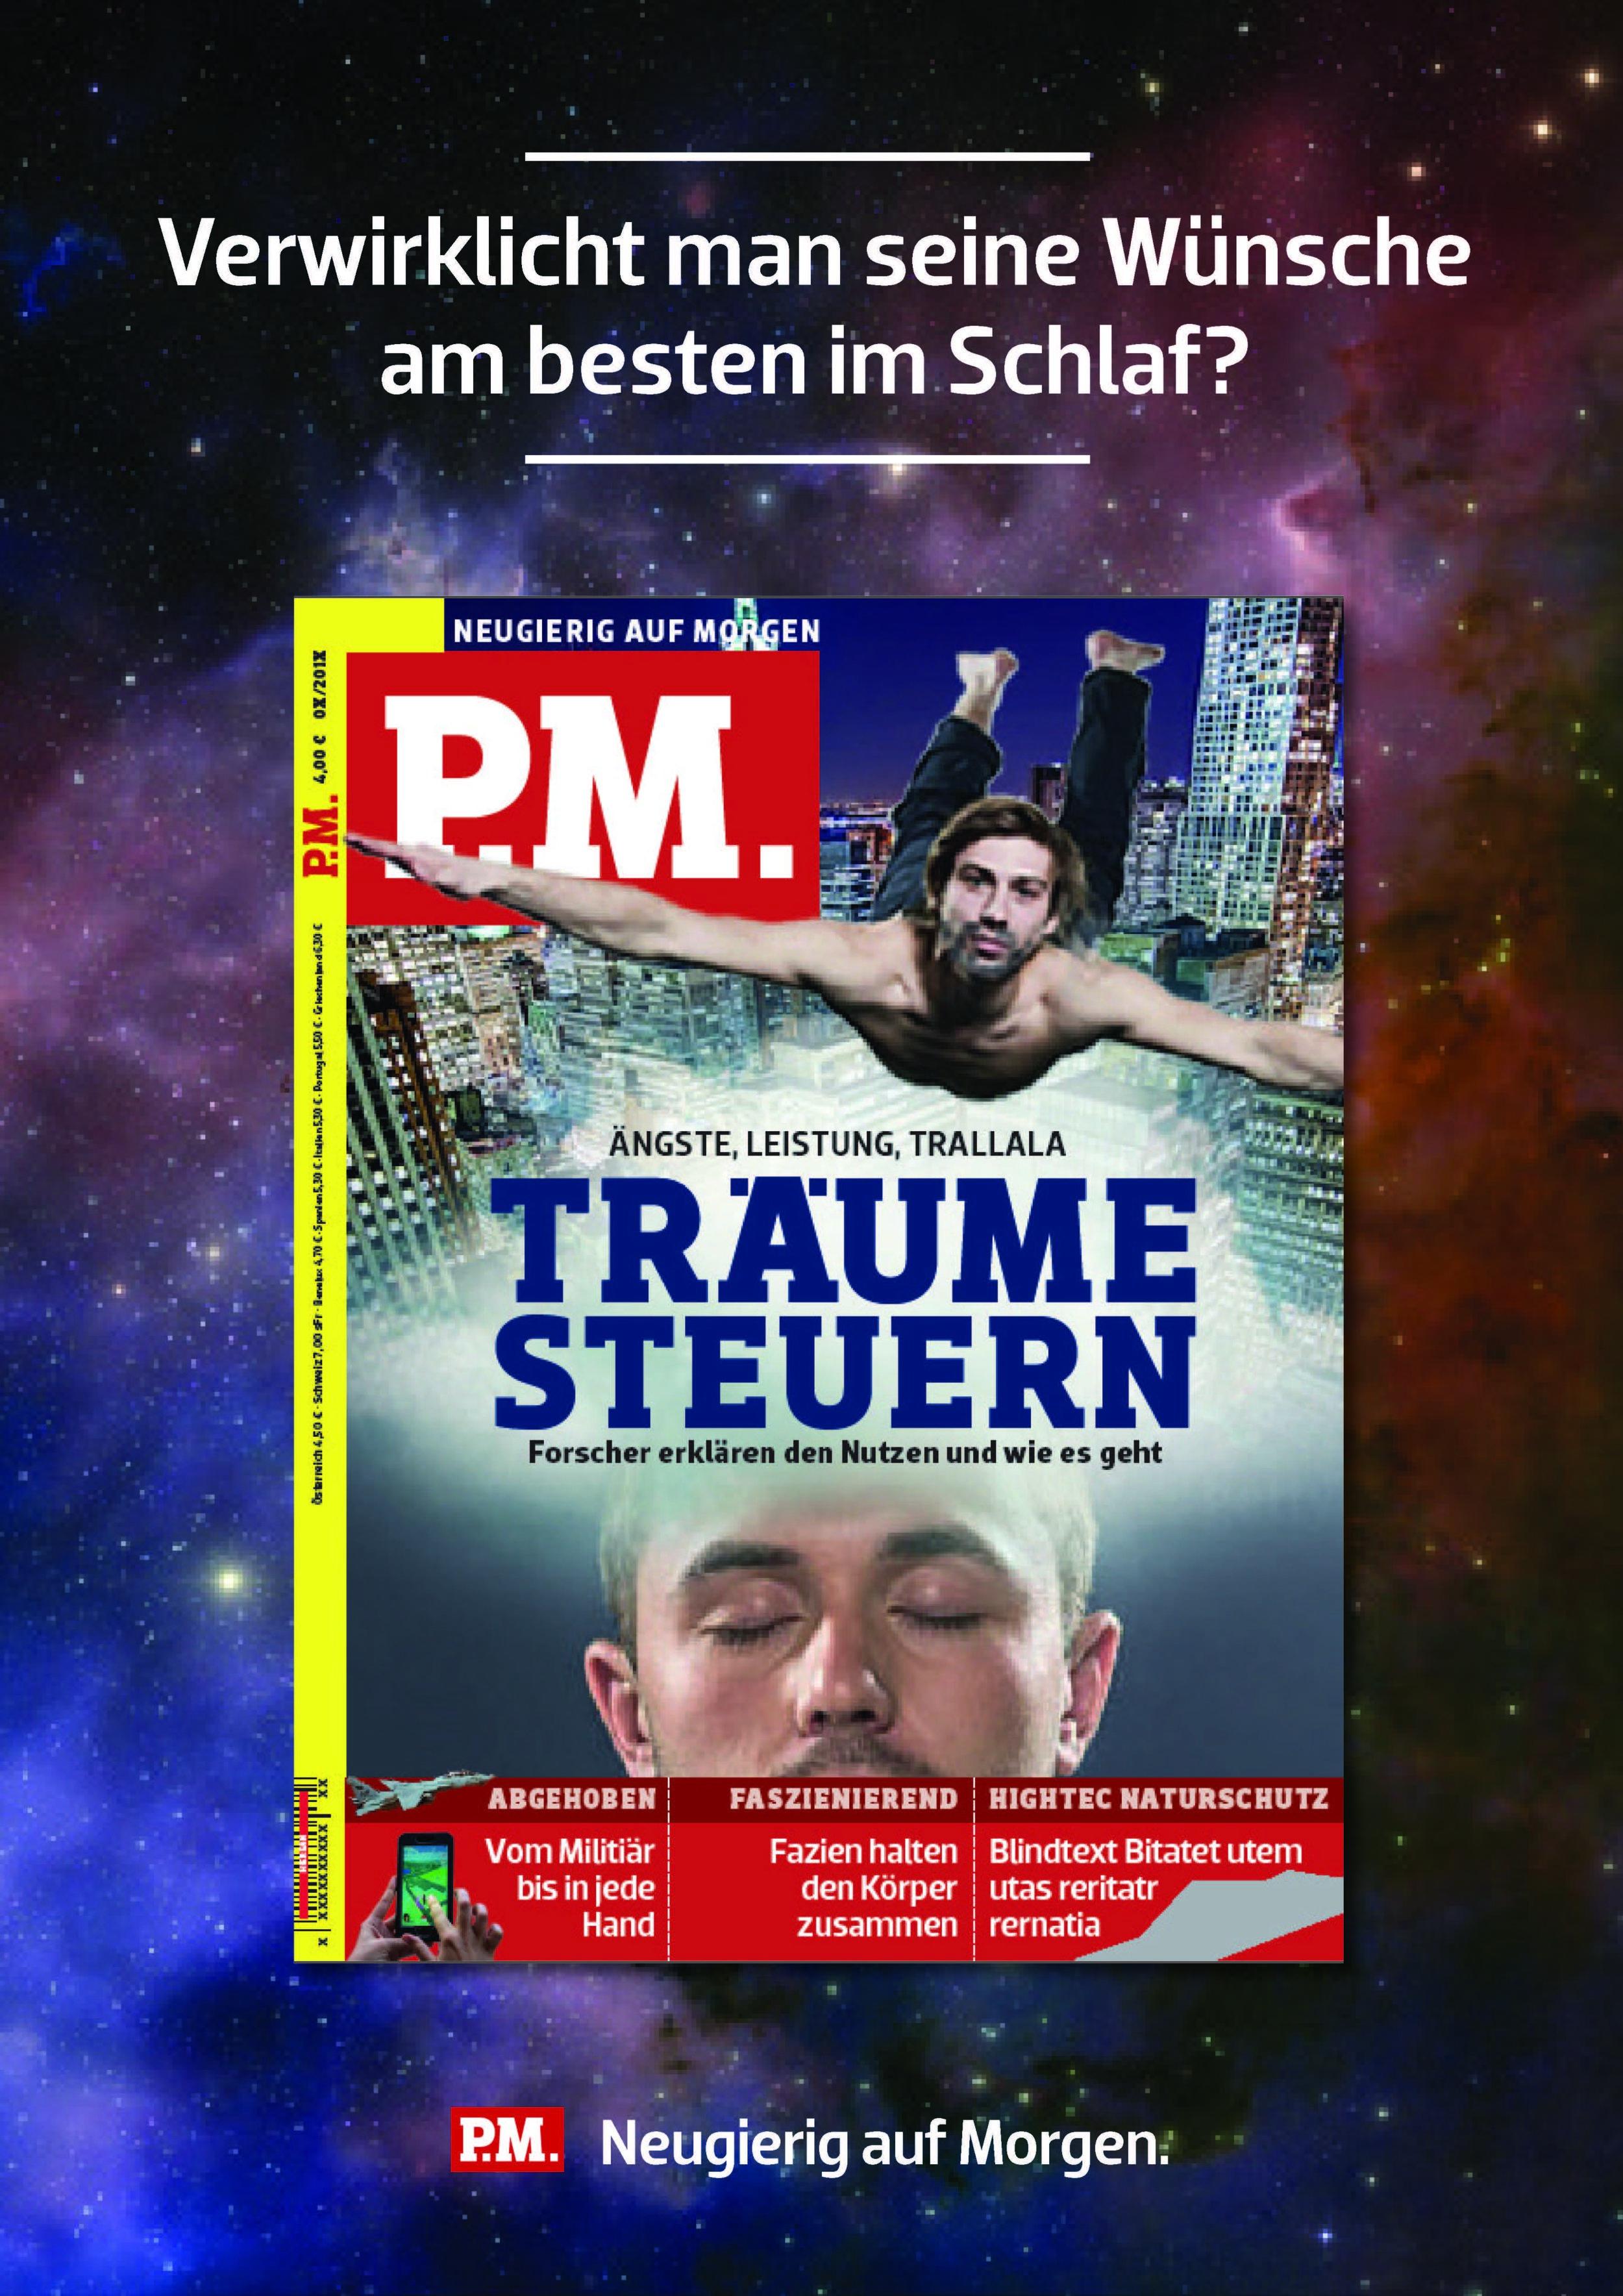 PM_luizidestraeumen_170614_juli2017_Seite_1.jpg